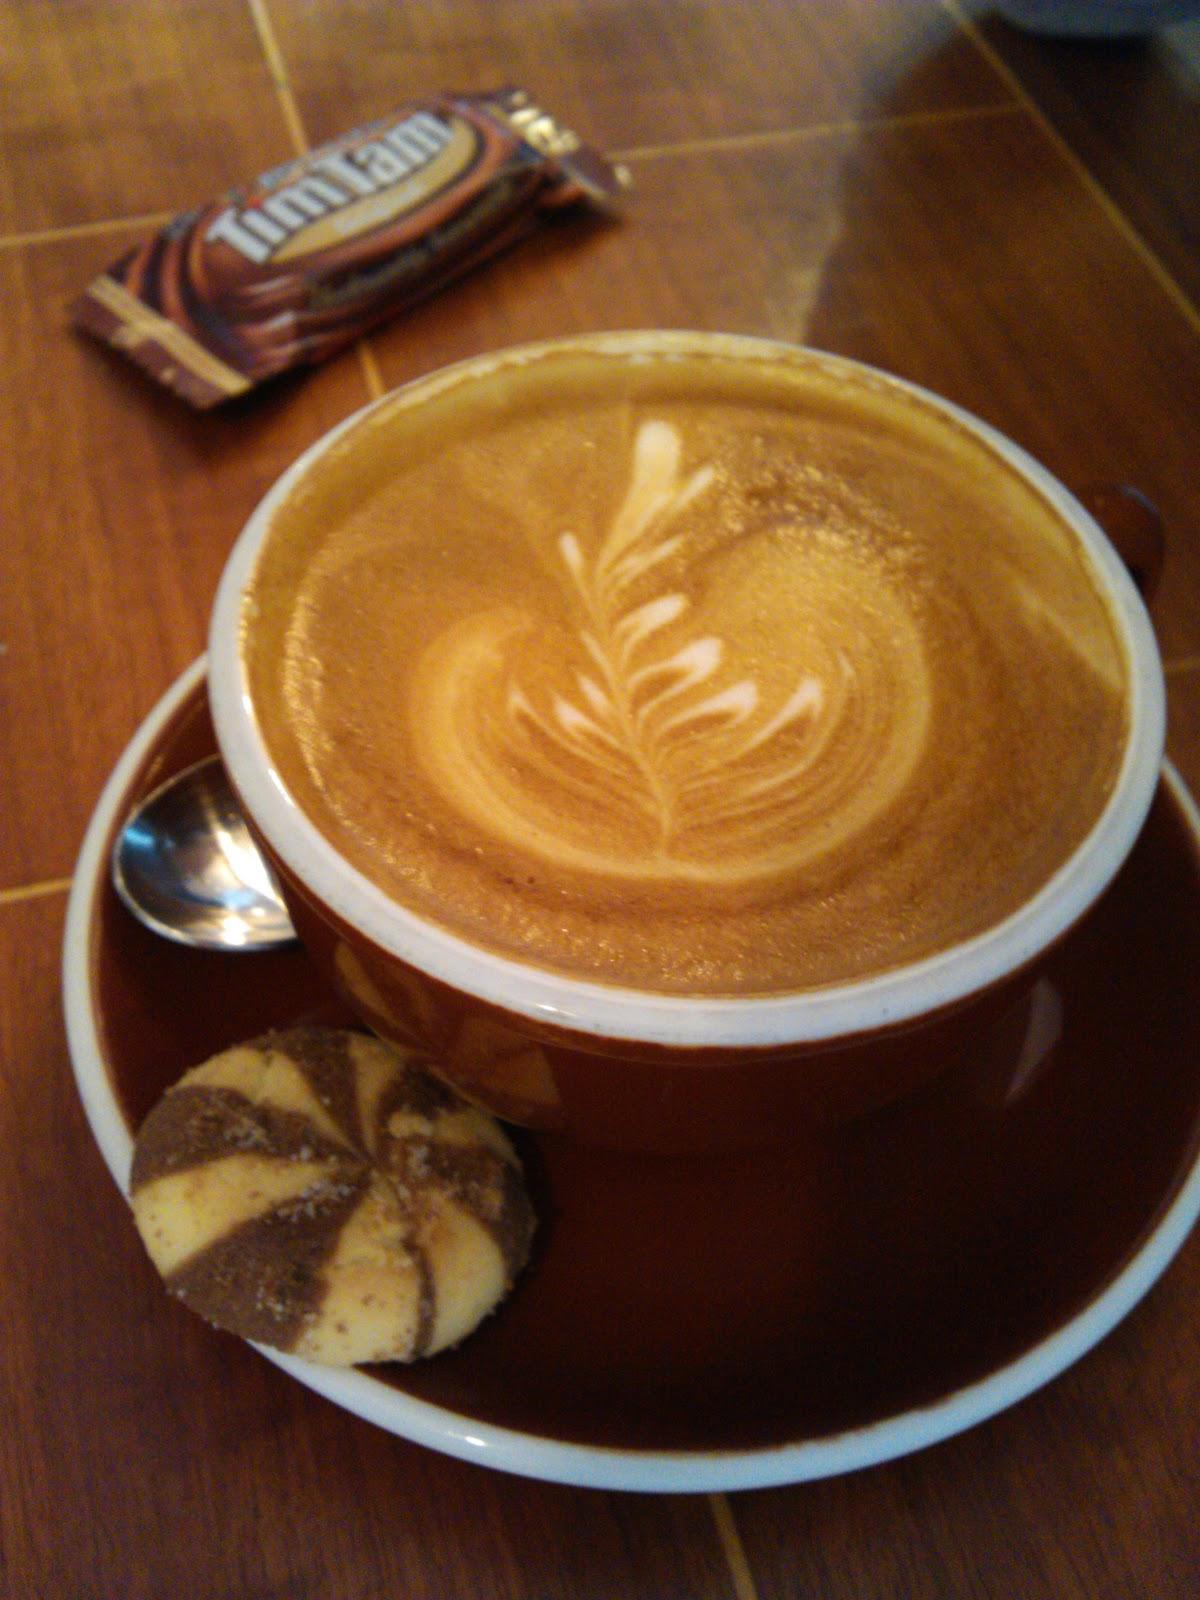 wird espresso mit milch getrunken